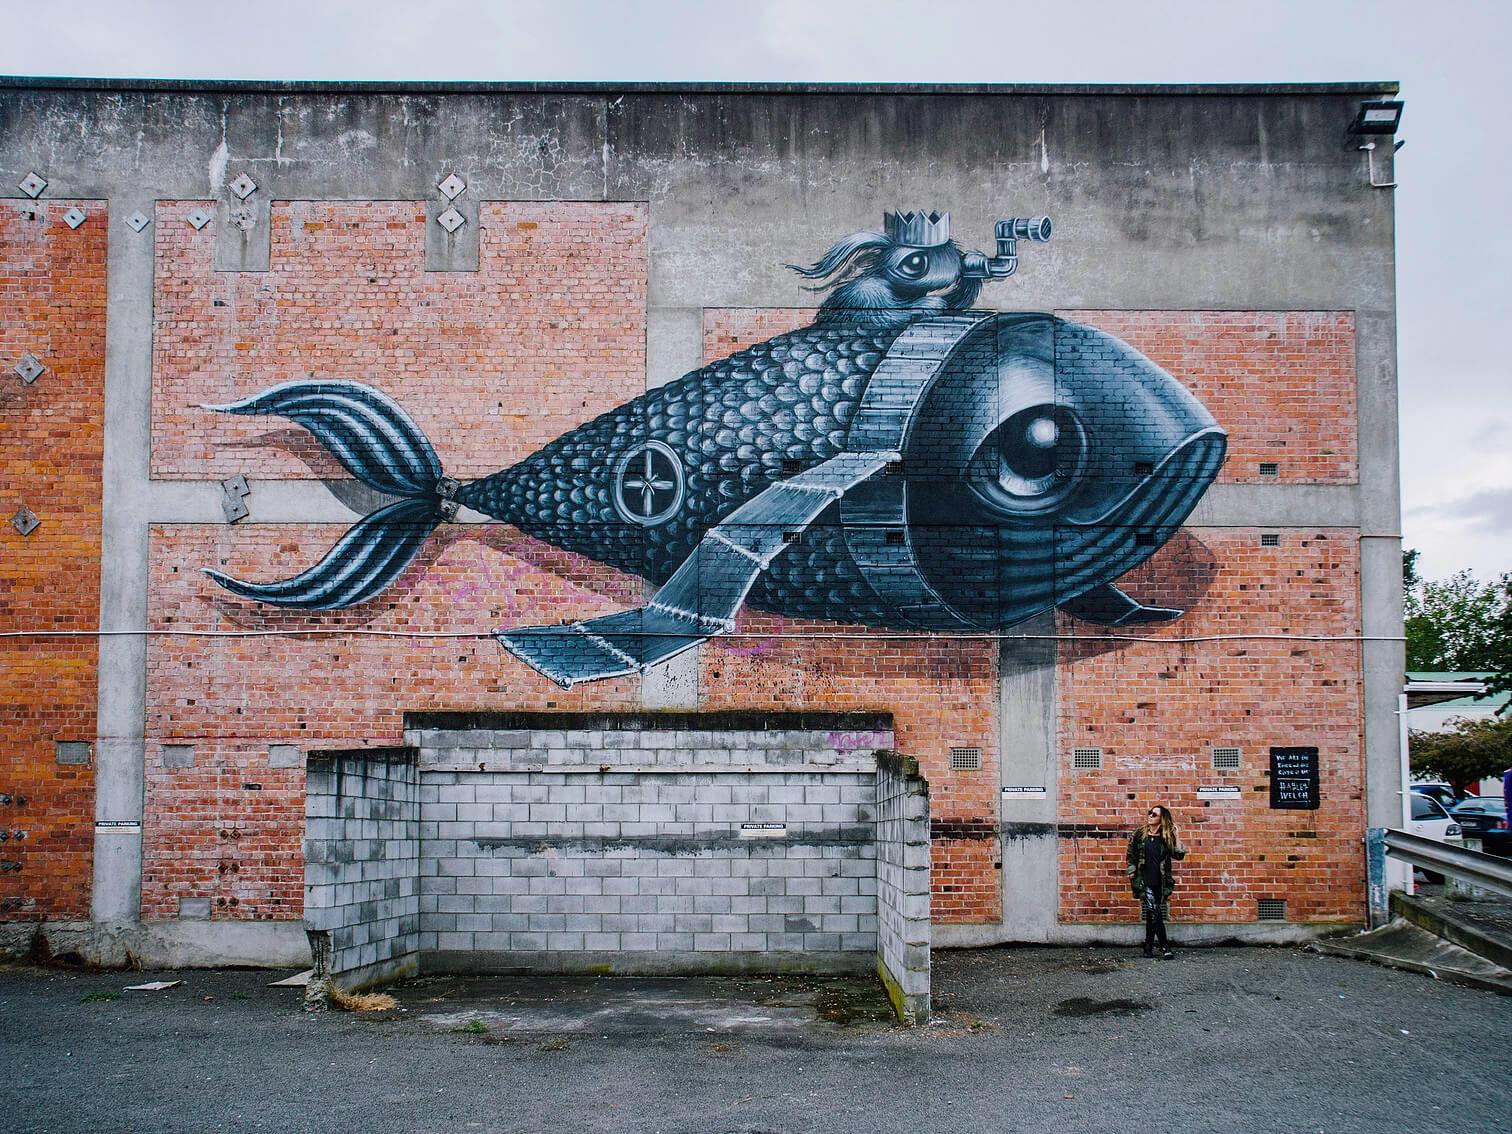 enseñanzas del mar arte callejero hayley welsh